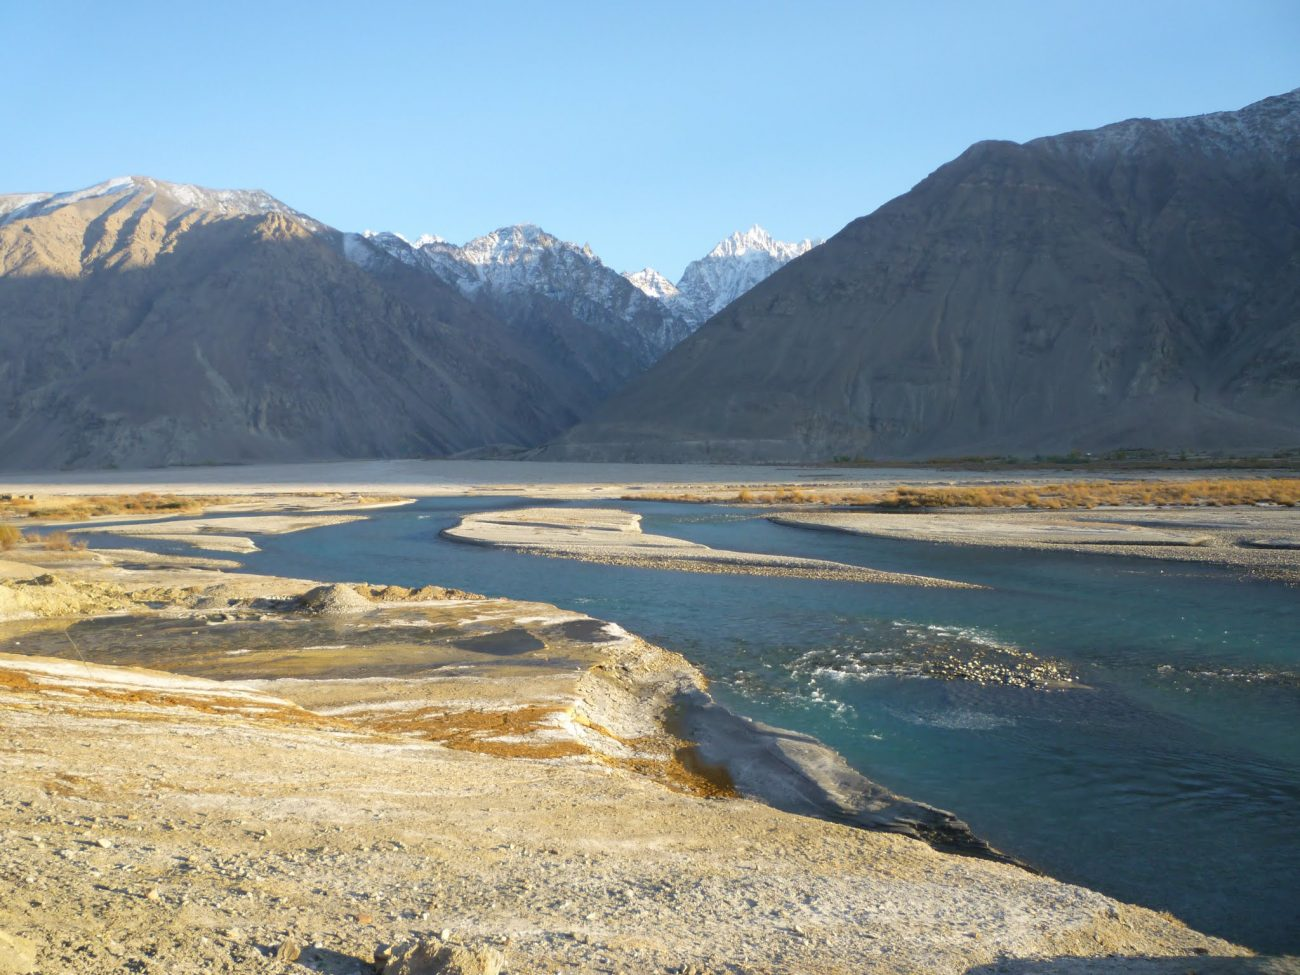 Tadjikistan Tourisme Enquête Banque mondiale